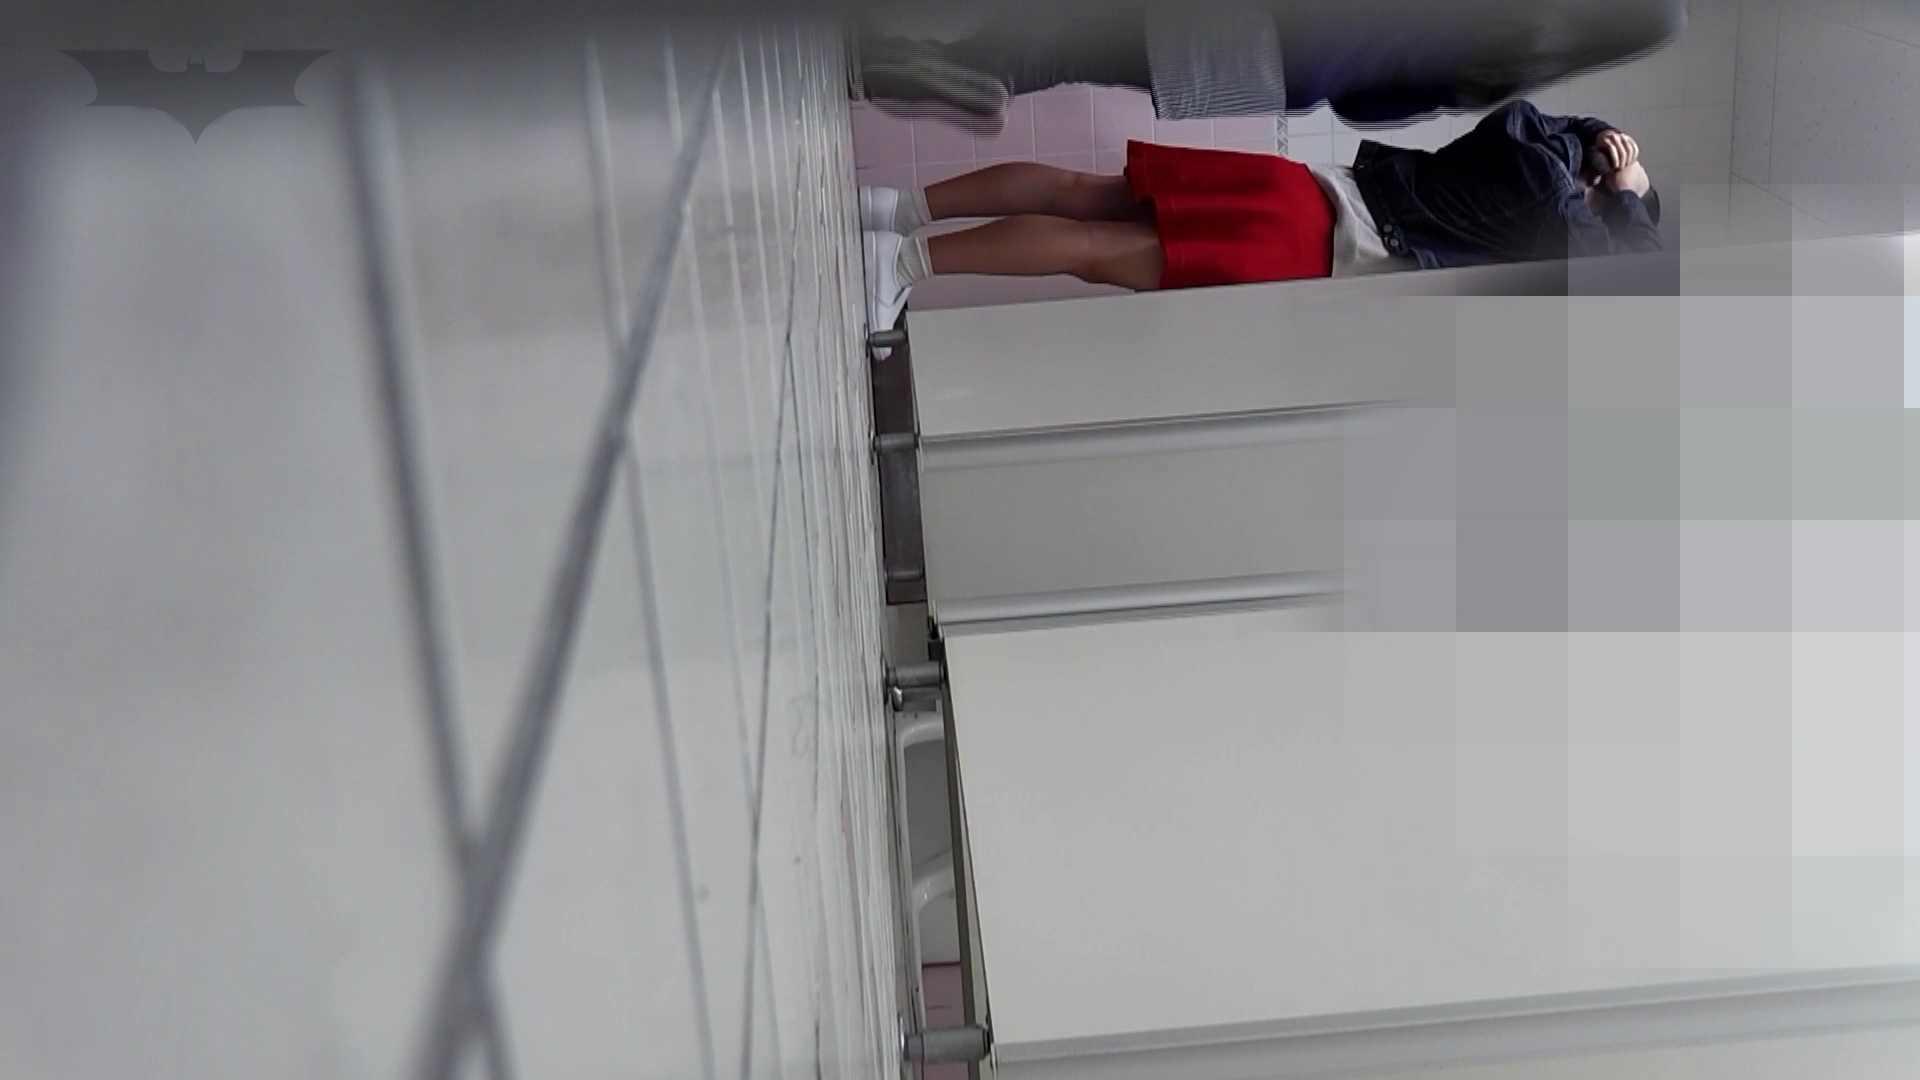 美しい日本の未来 No.31 新しいアングルに挑戦 ギャル・コレクション | 盗撮エロすぎ  20連発 19